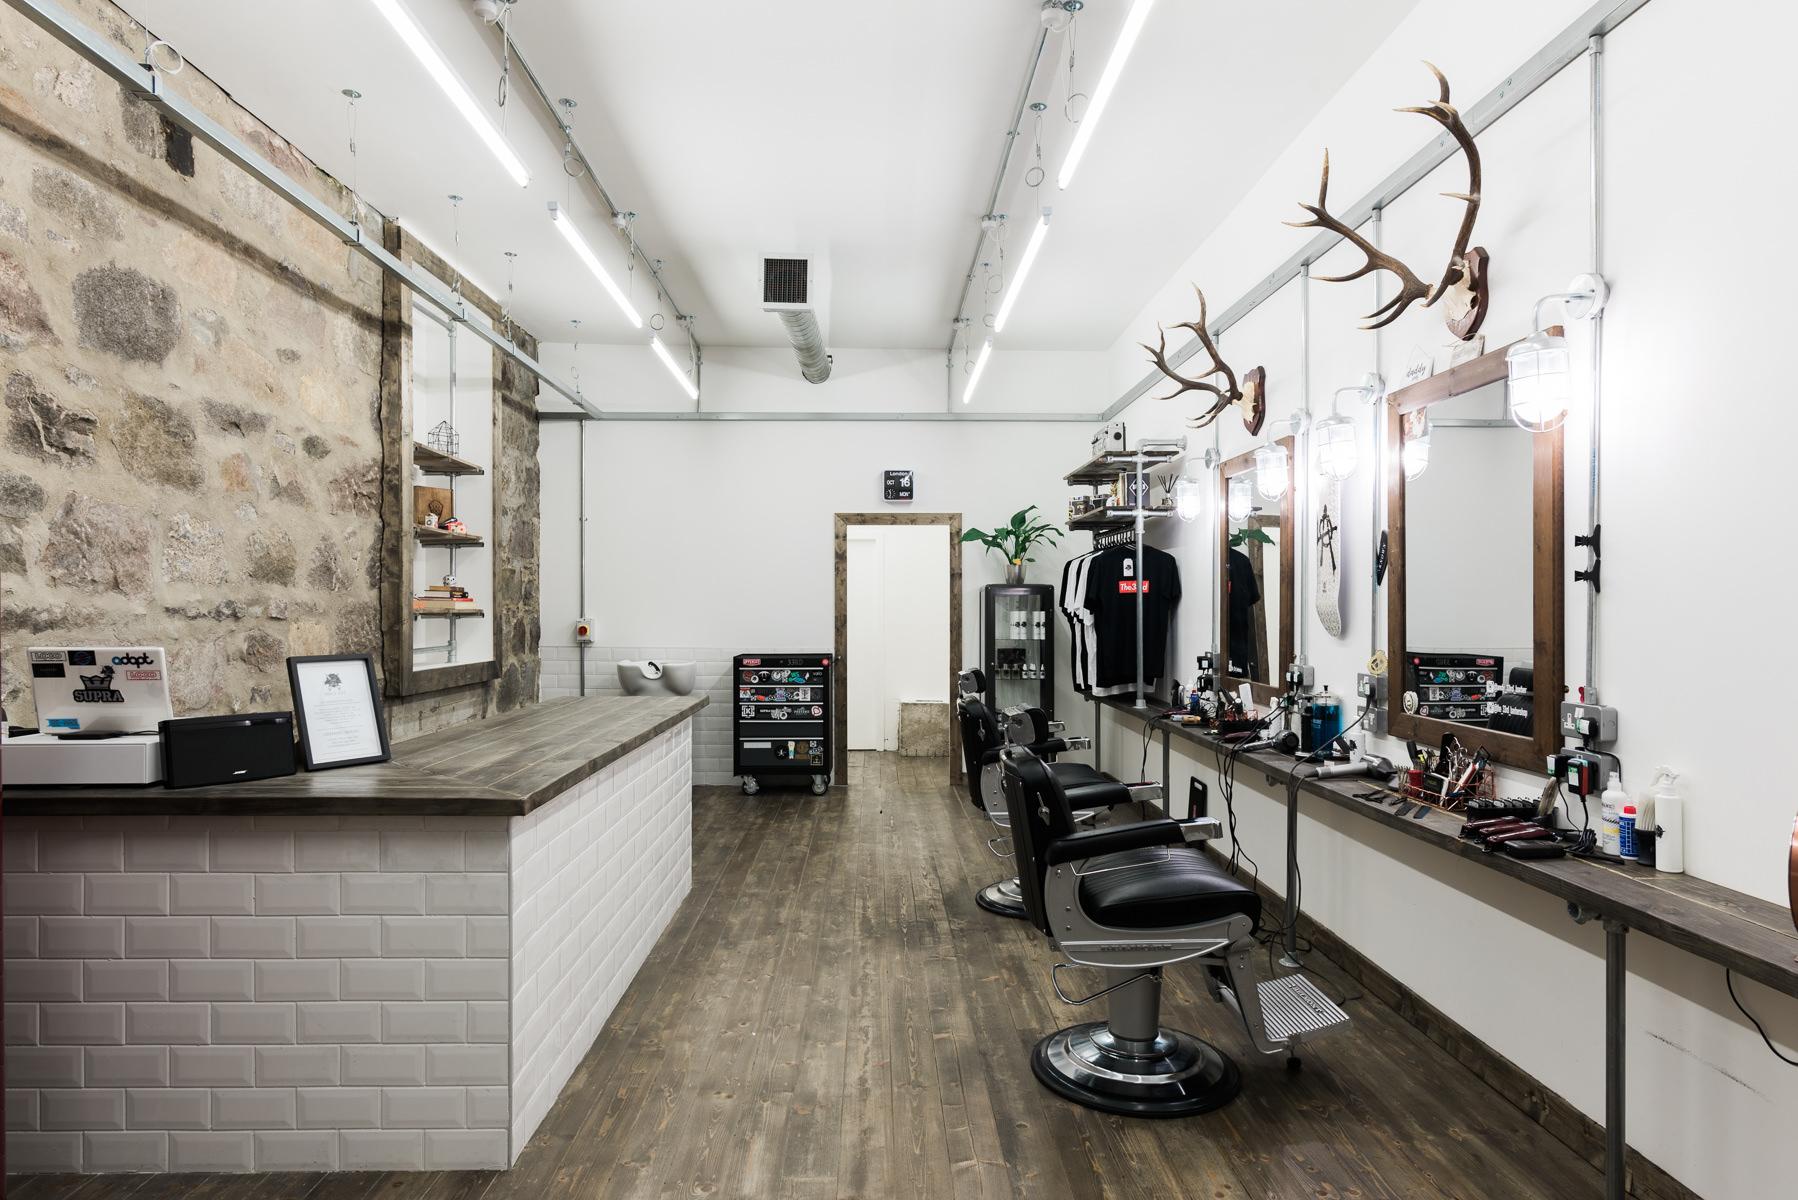 Our Aberdeen barber shop